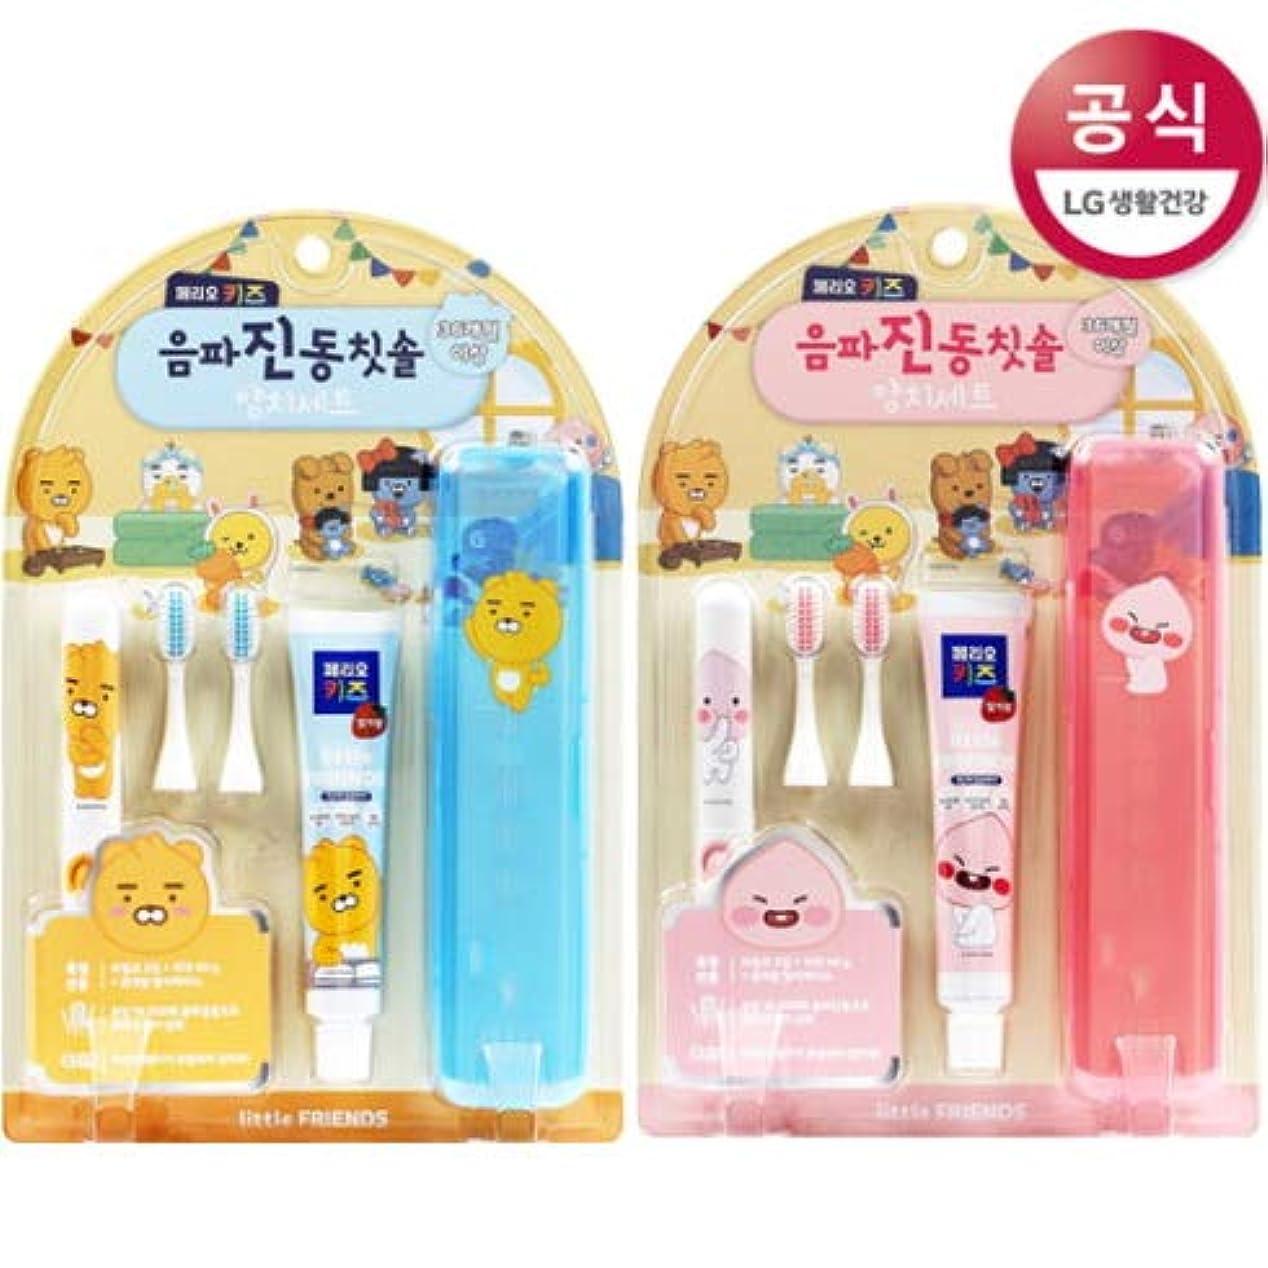 しばしば申請者断言する[LG HnB] Kakao Friends Kids Vibrating Brush Set / カカオフレンズキッズ振動シダセットx2個(海外直送品)